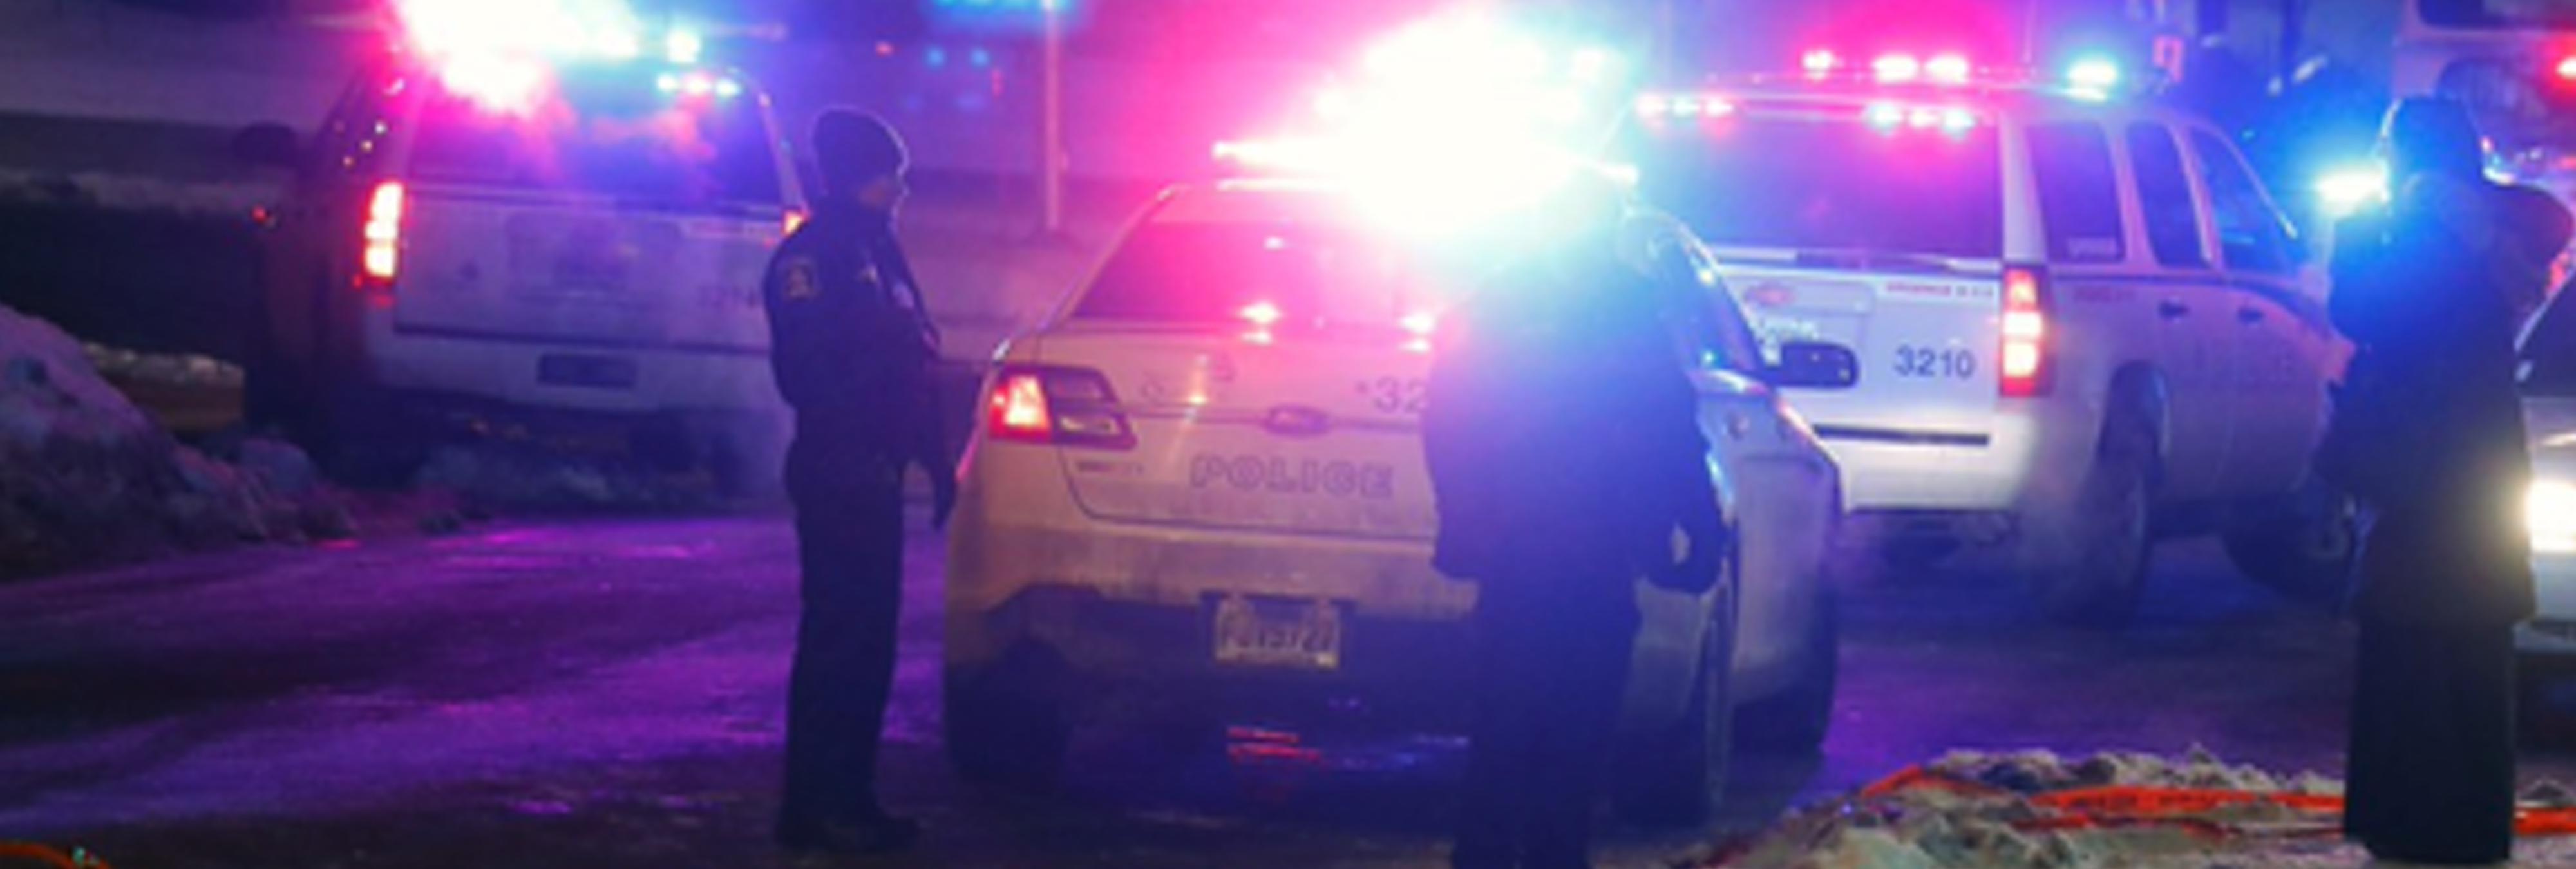 Atentado contra musulmanes: mueren seis personas en una mezquita de Canadá